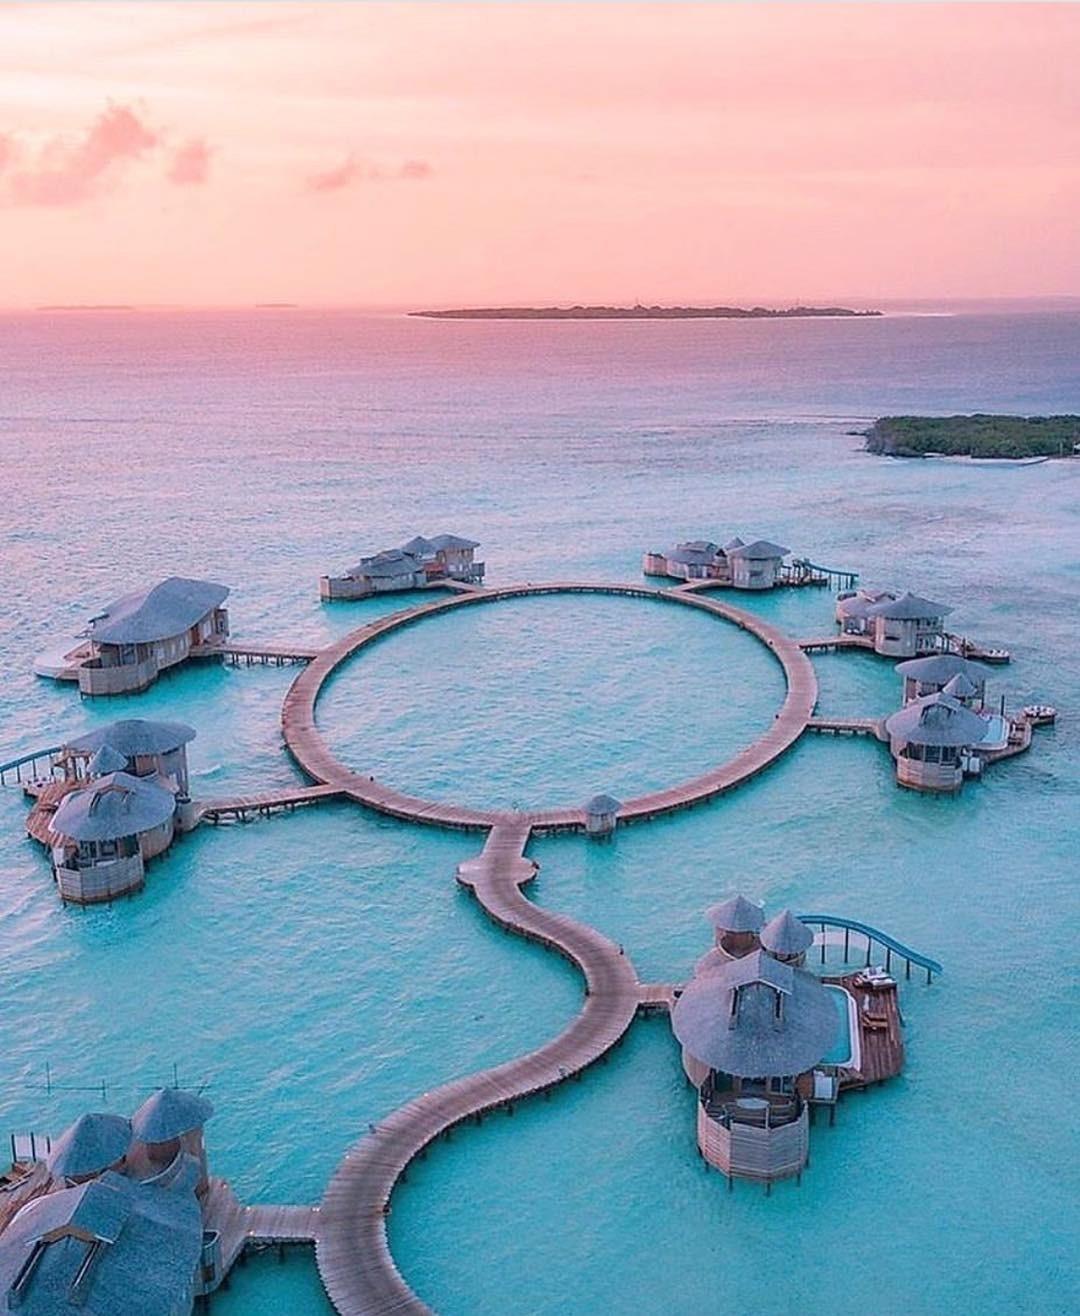 Choáng với khu nghỉ dưỡng sang chảnh bậc nhất Maldives, chỉ dành cho giới giàu đến siêu giàu - Ảnh 16.